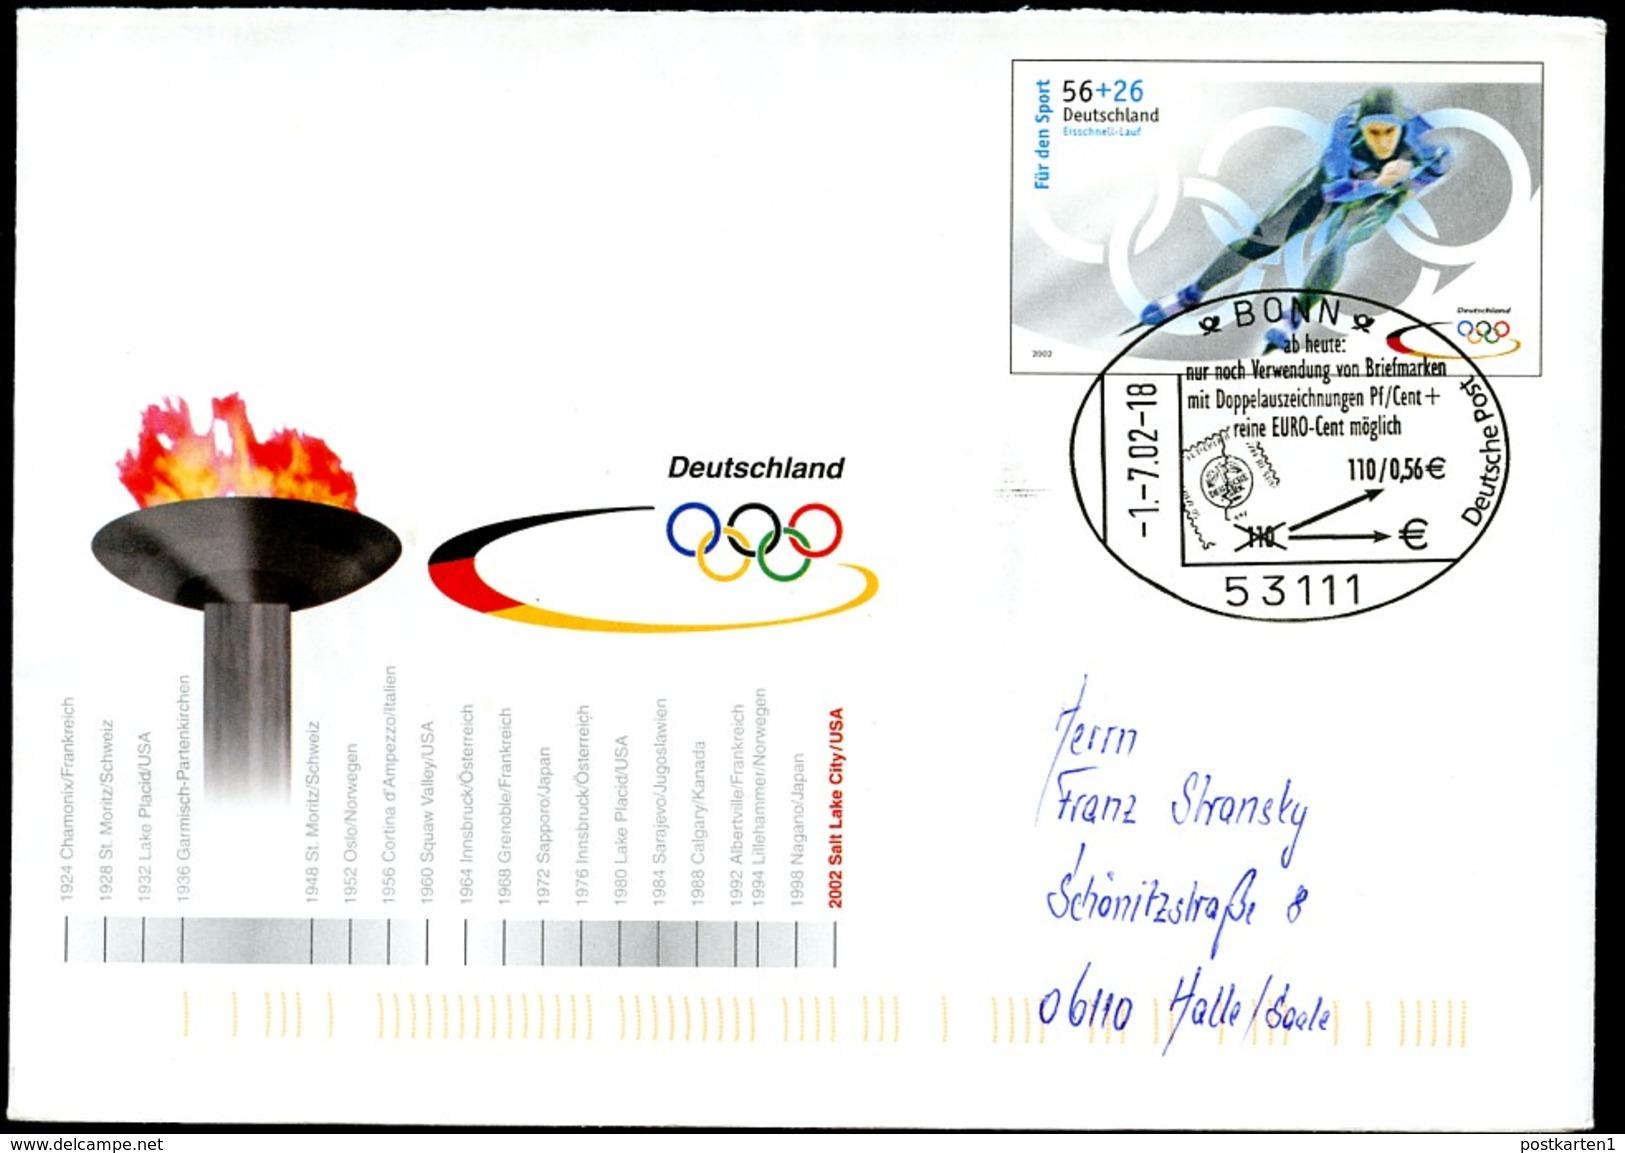 Sost. EURO-BRIEFMARKEN Bonn 2002 Auf Bund Sonder-Umschlag USo34 - European Ideas